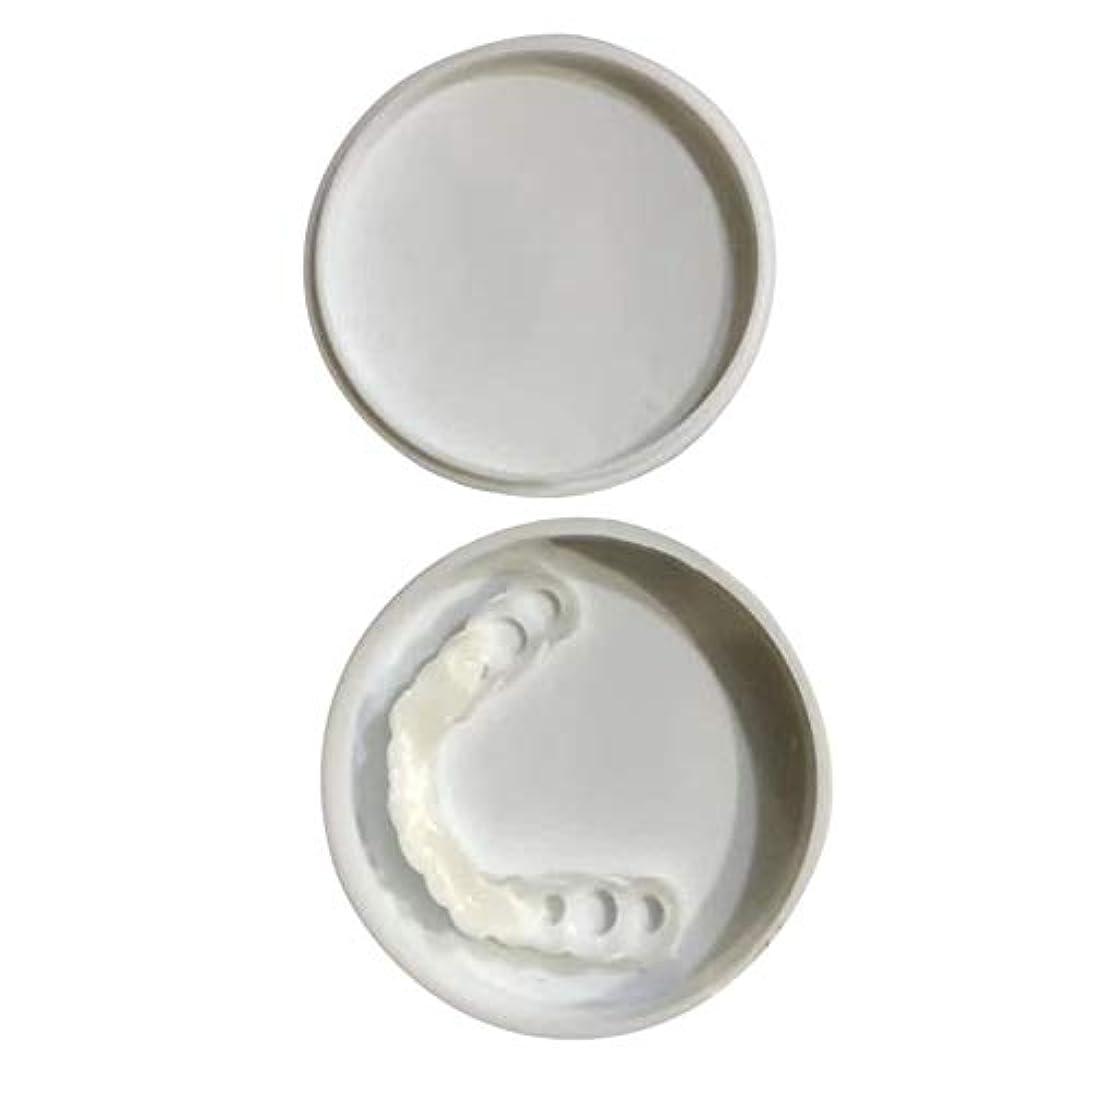 グローバル語すべき快適なスナップオン男性女性歯インスタントパーフェクトスマイルコンフォートフィットフレックス歯フィットホワイトニング笑顔偽歯カバー - ホワイト